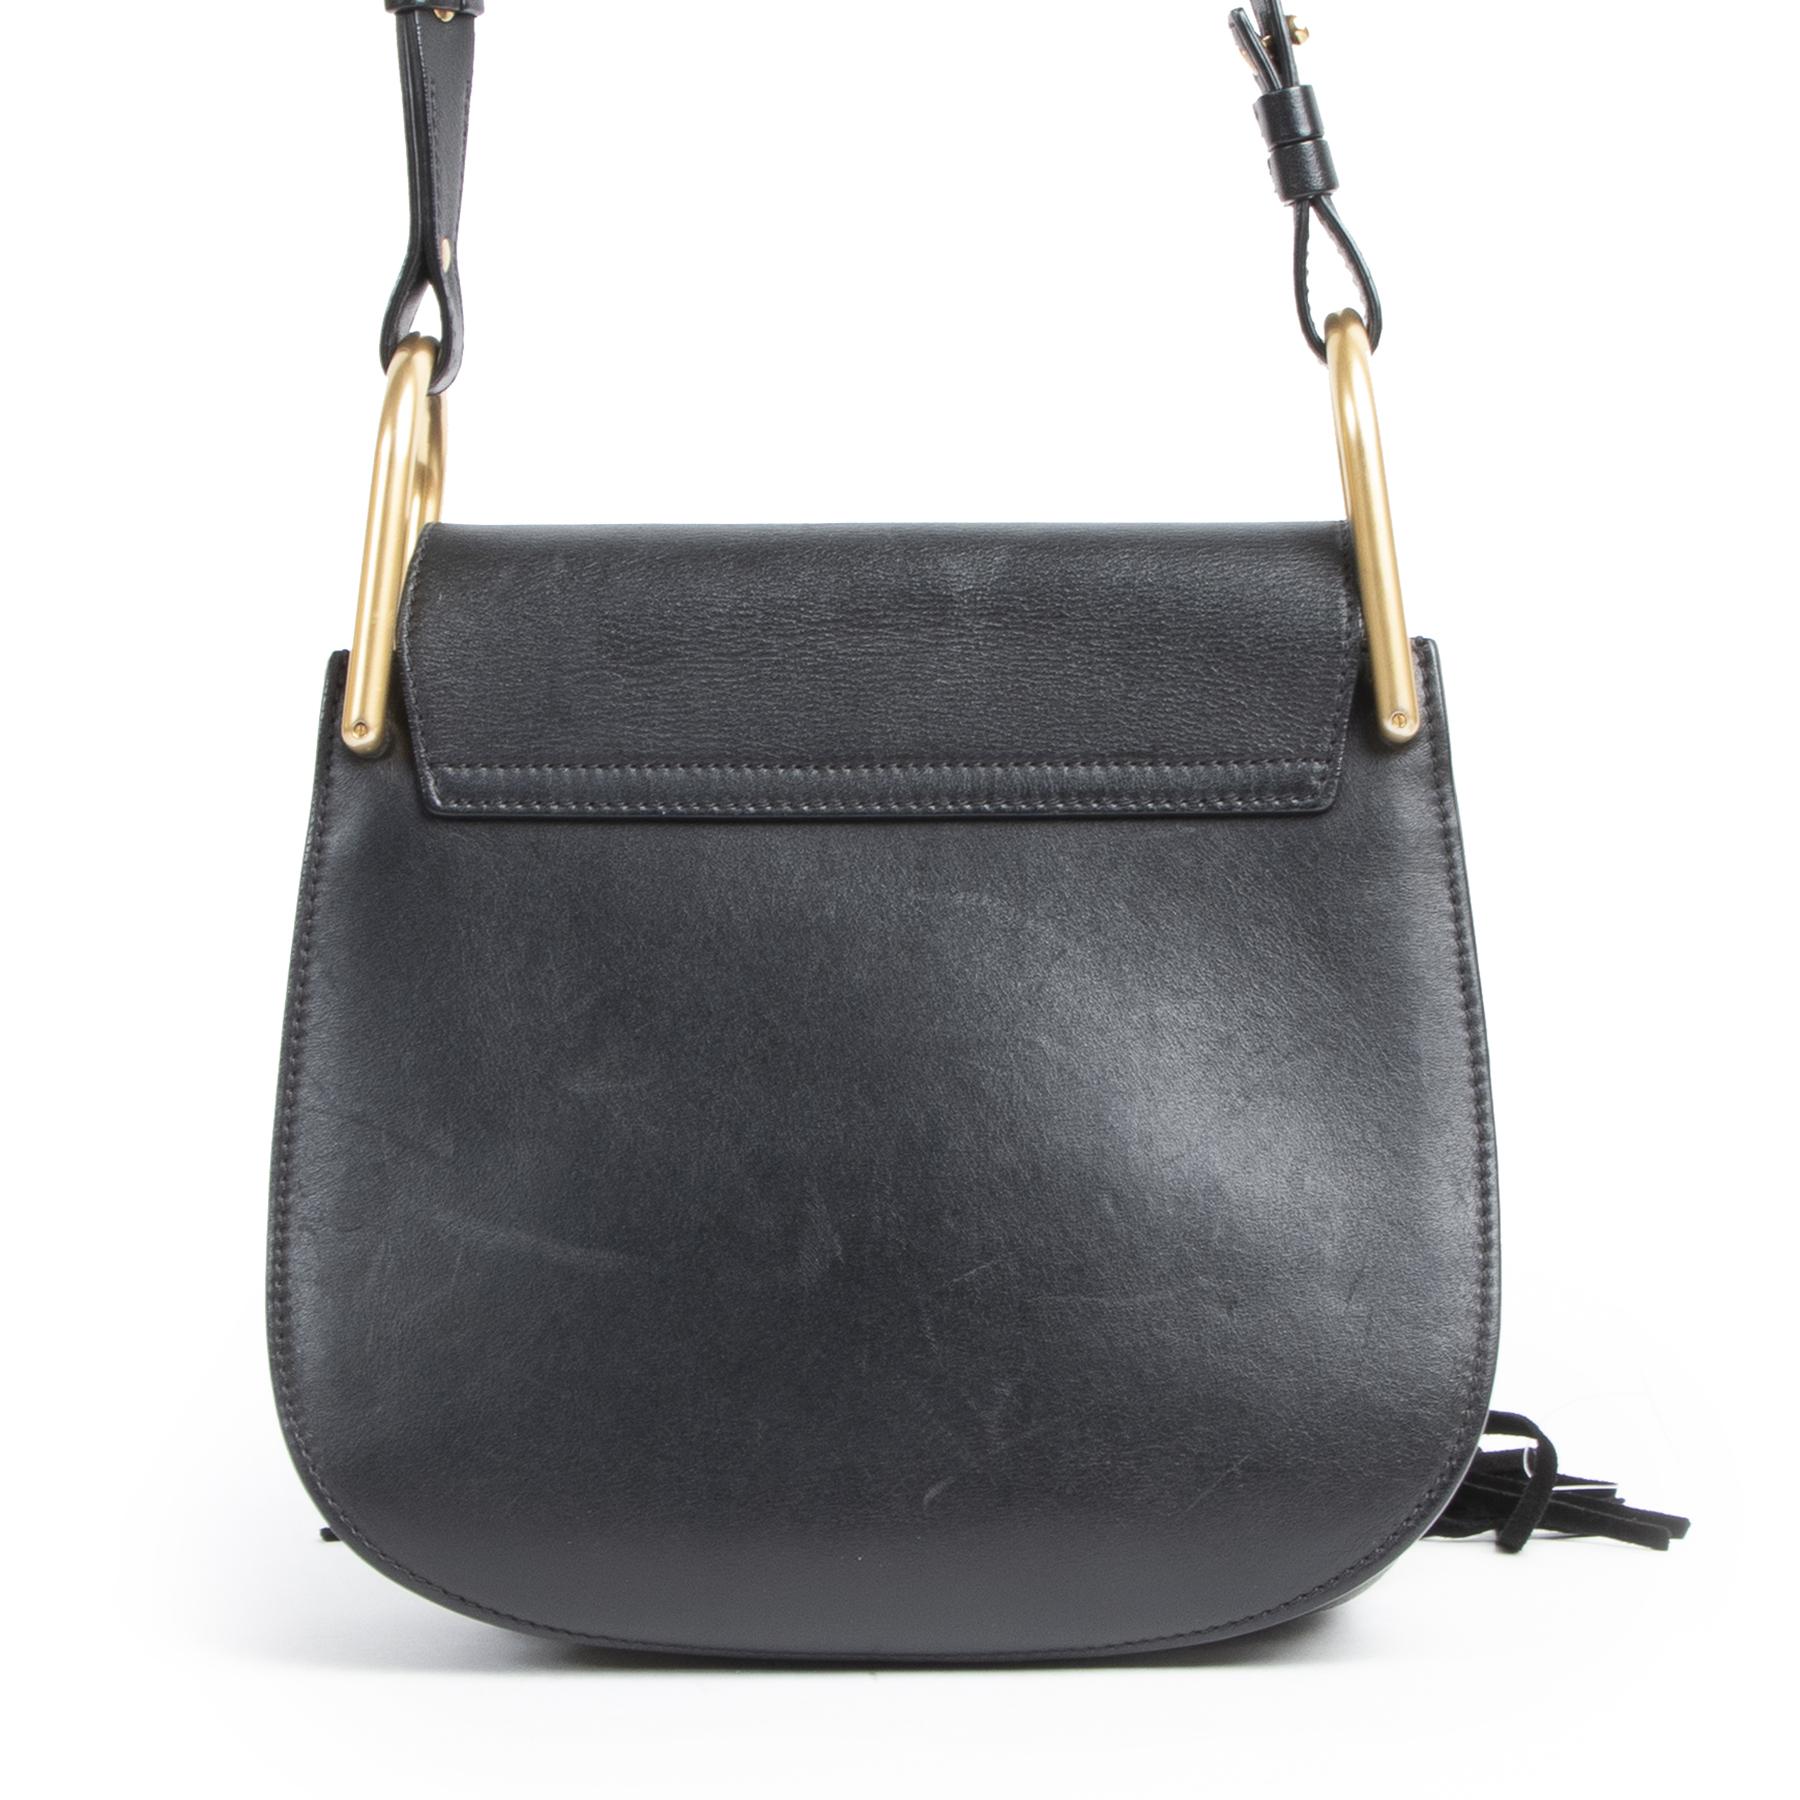 Authentieke tweedehands Chloe juiste prijs veilig online winkelen LabelLOV webshop luxe merken winkelen Antwerpen België mode fashion